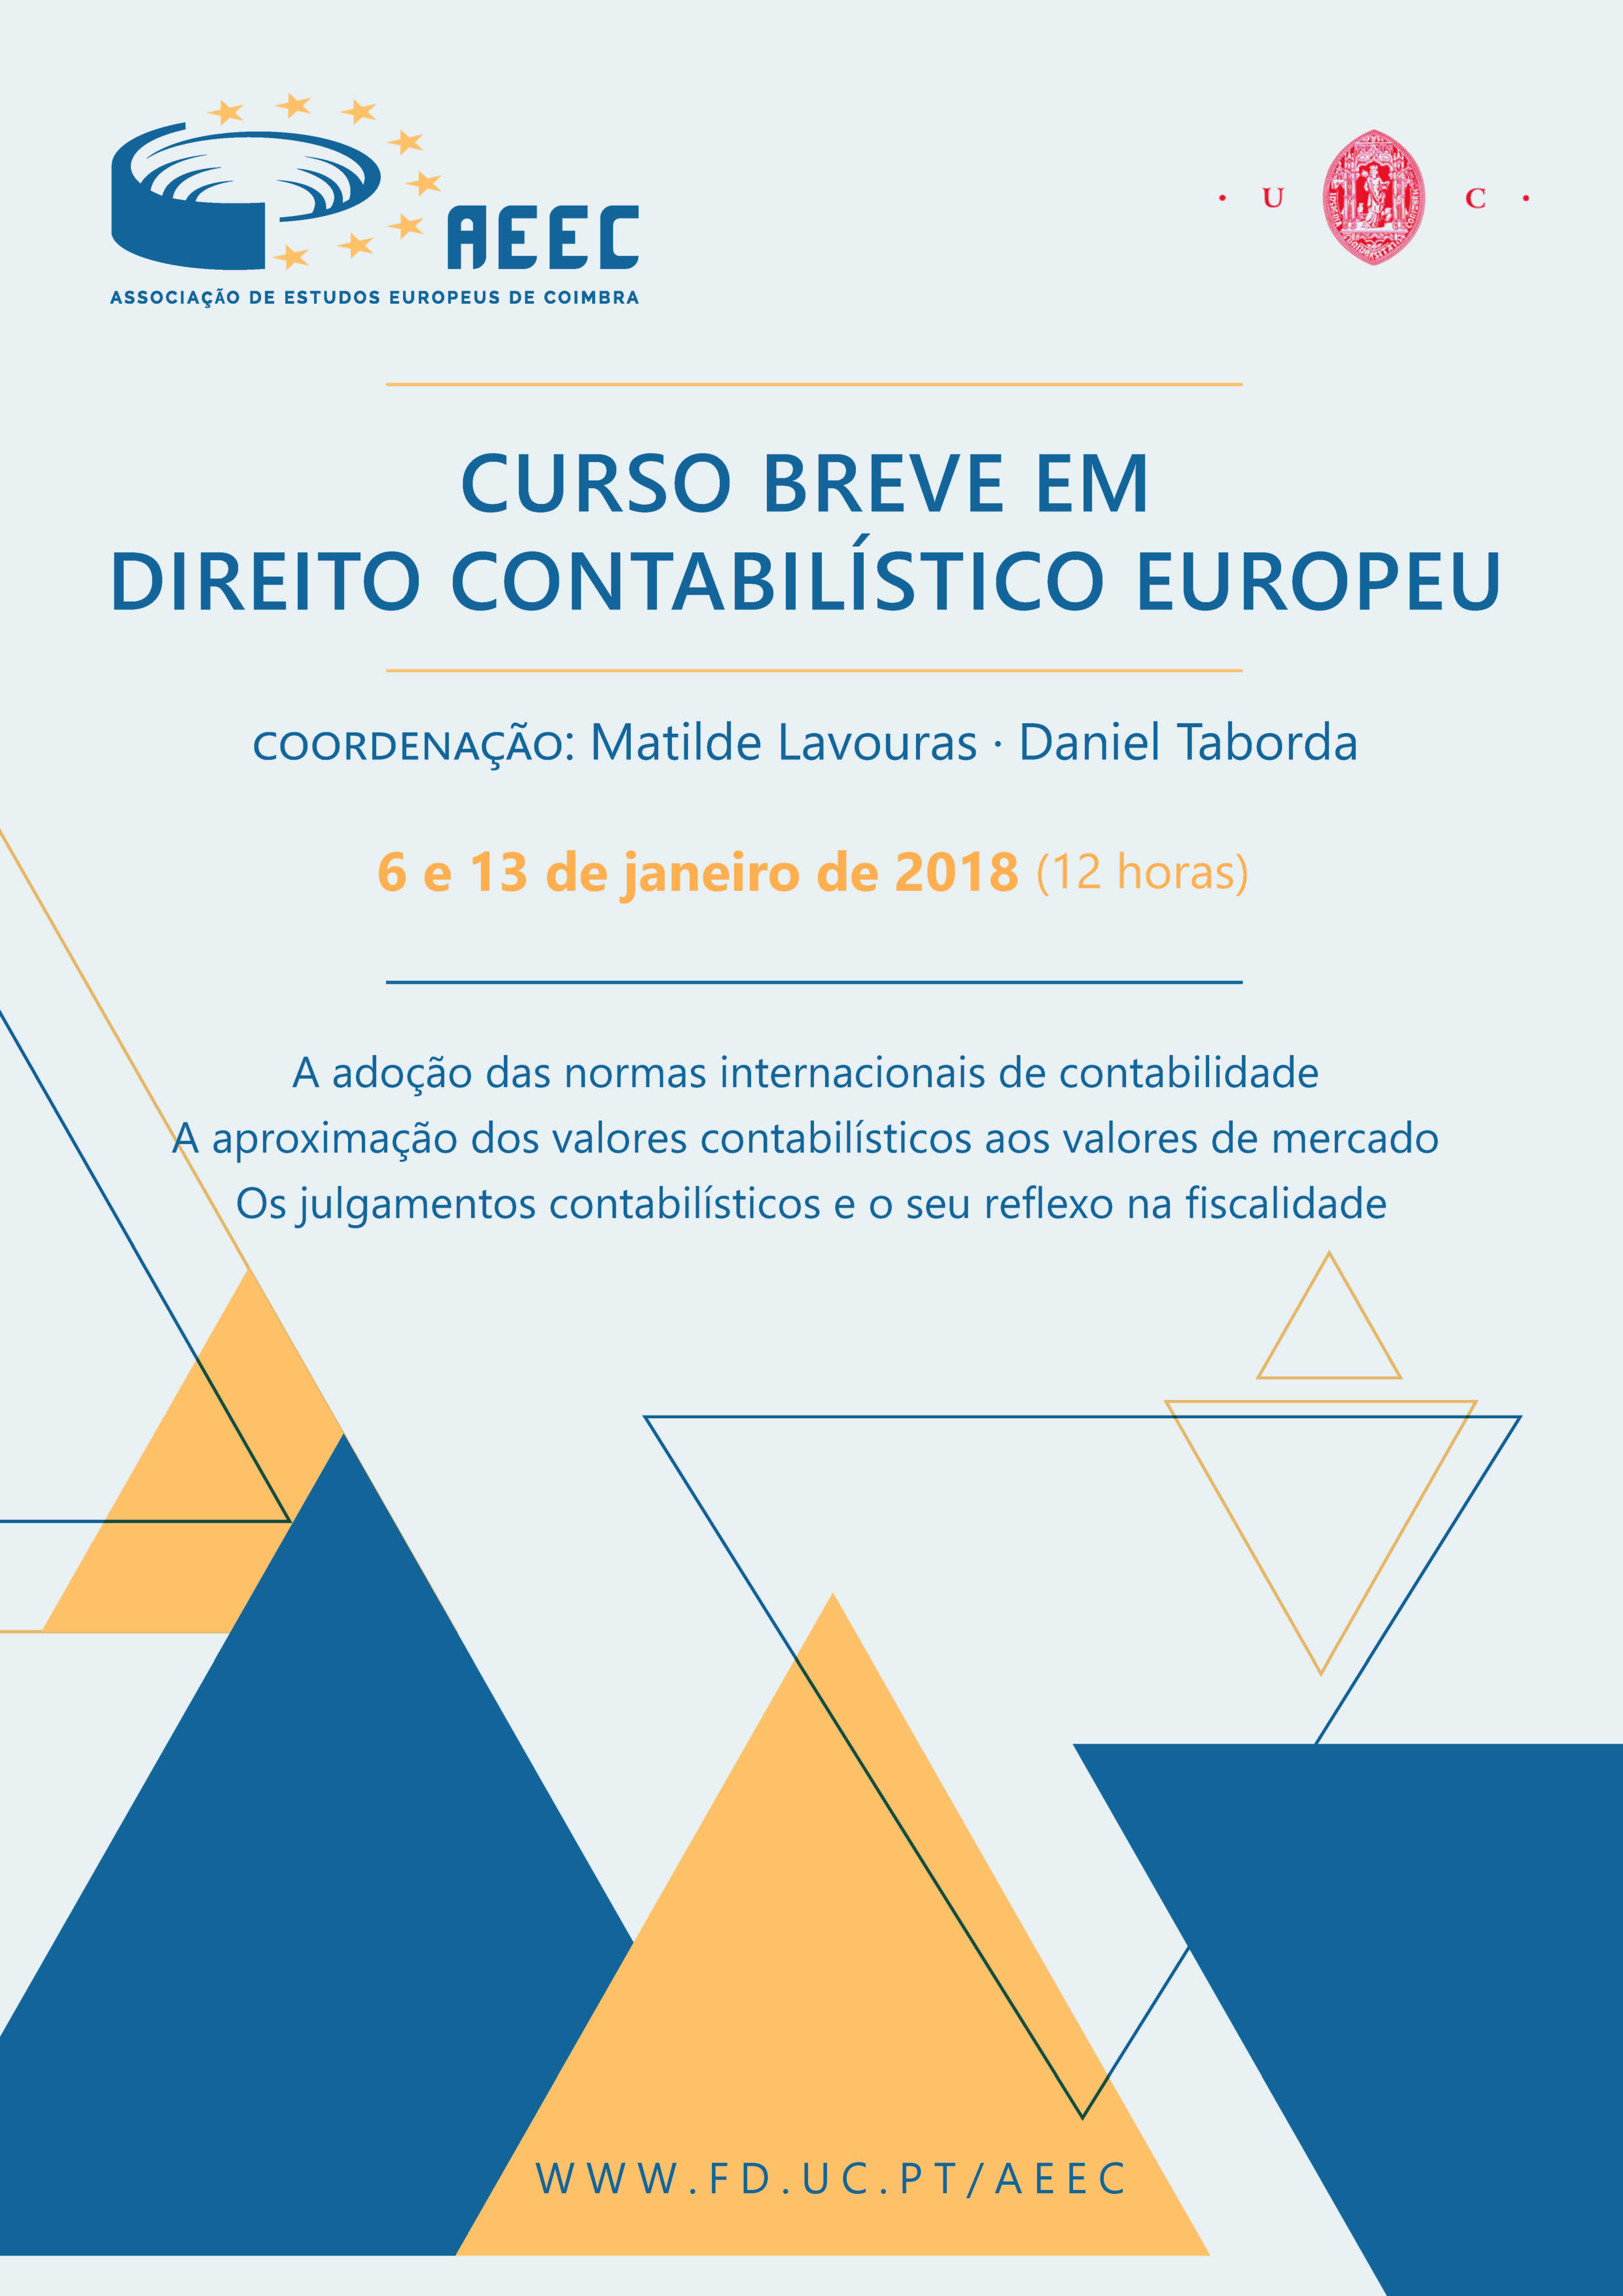 Curso Breve em Direito Contabilístico Europeu